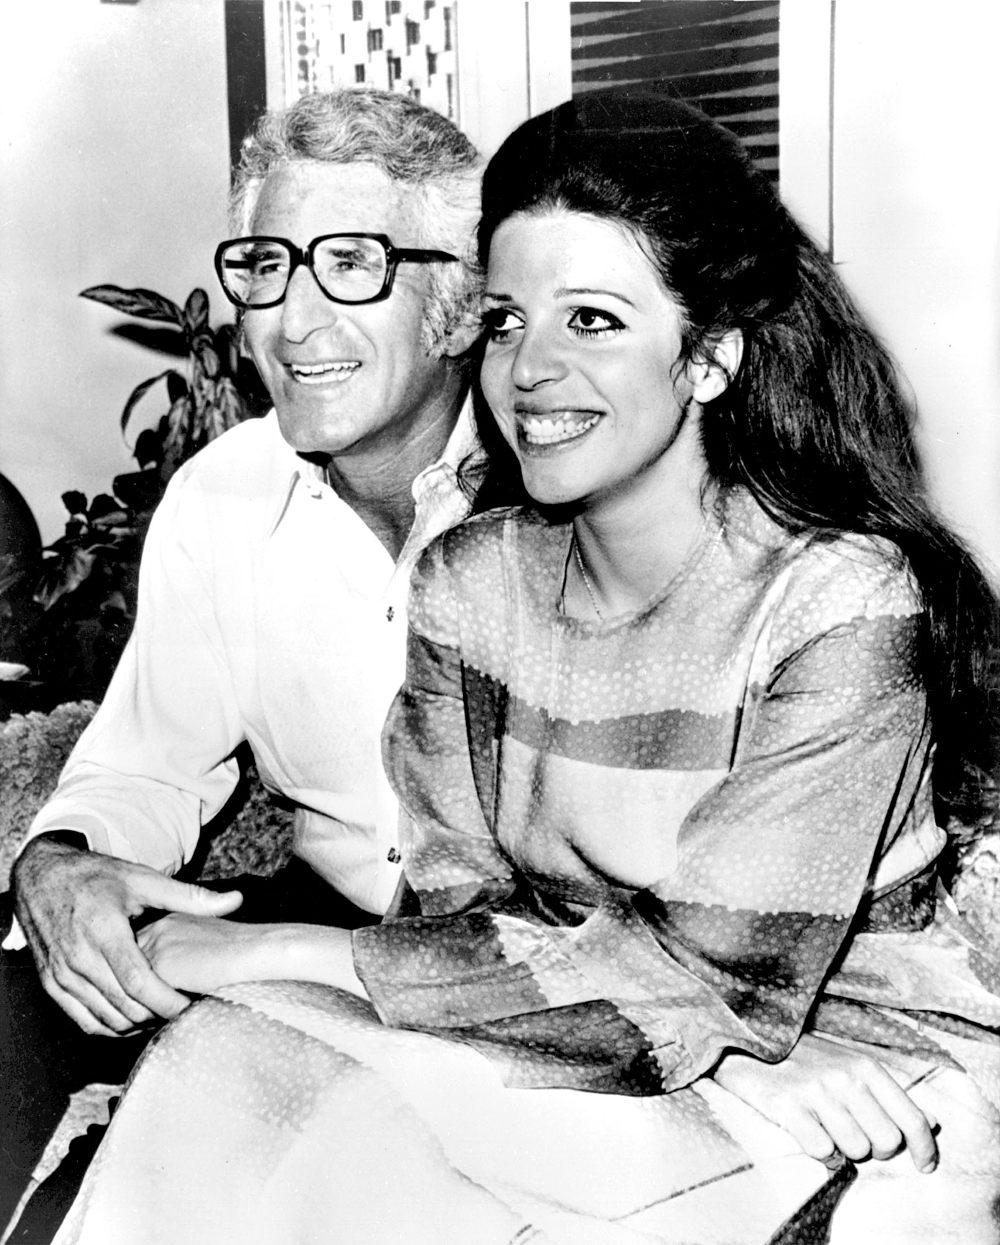 Η Χριστίνα Ωνάση σε ασπρόμαυρη φωτογραφία με τον πρώτη της σύζυγο